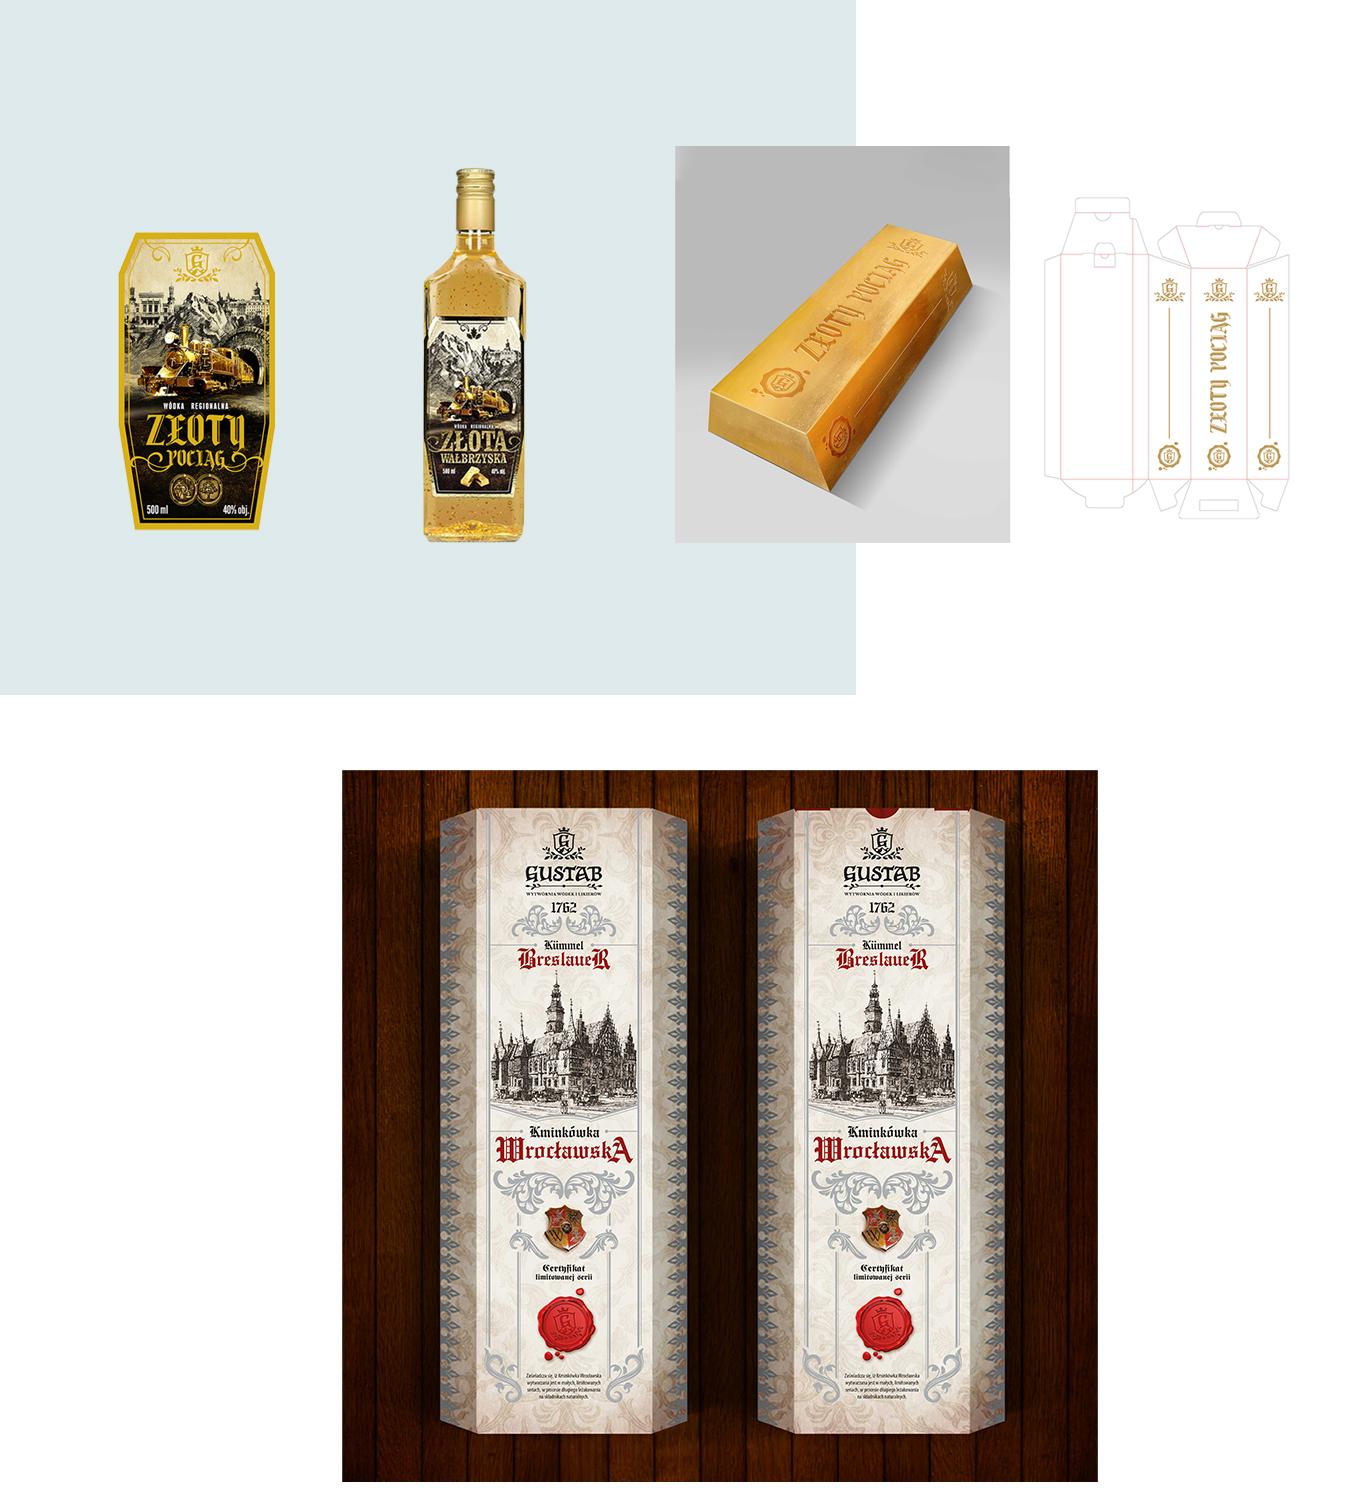 etykieta pudelko i wizualizacja dla manufaktury wodek i likierow Gustab